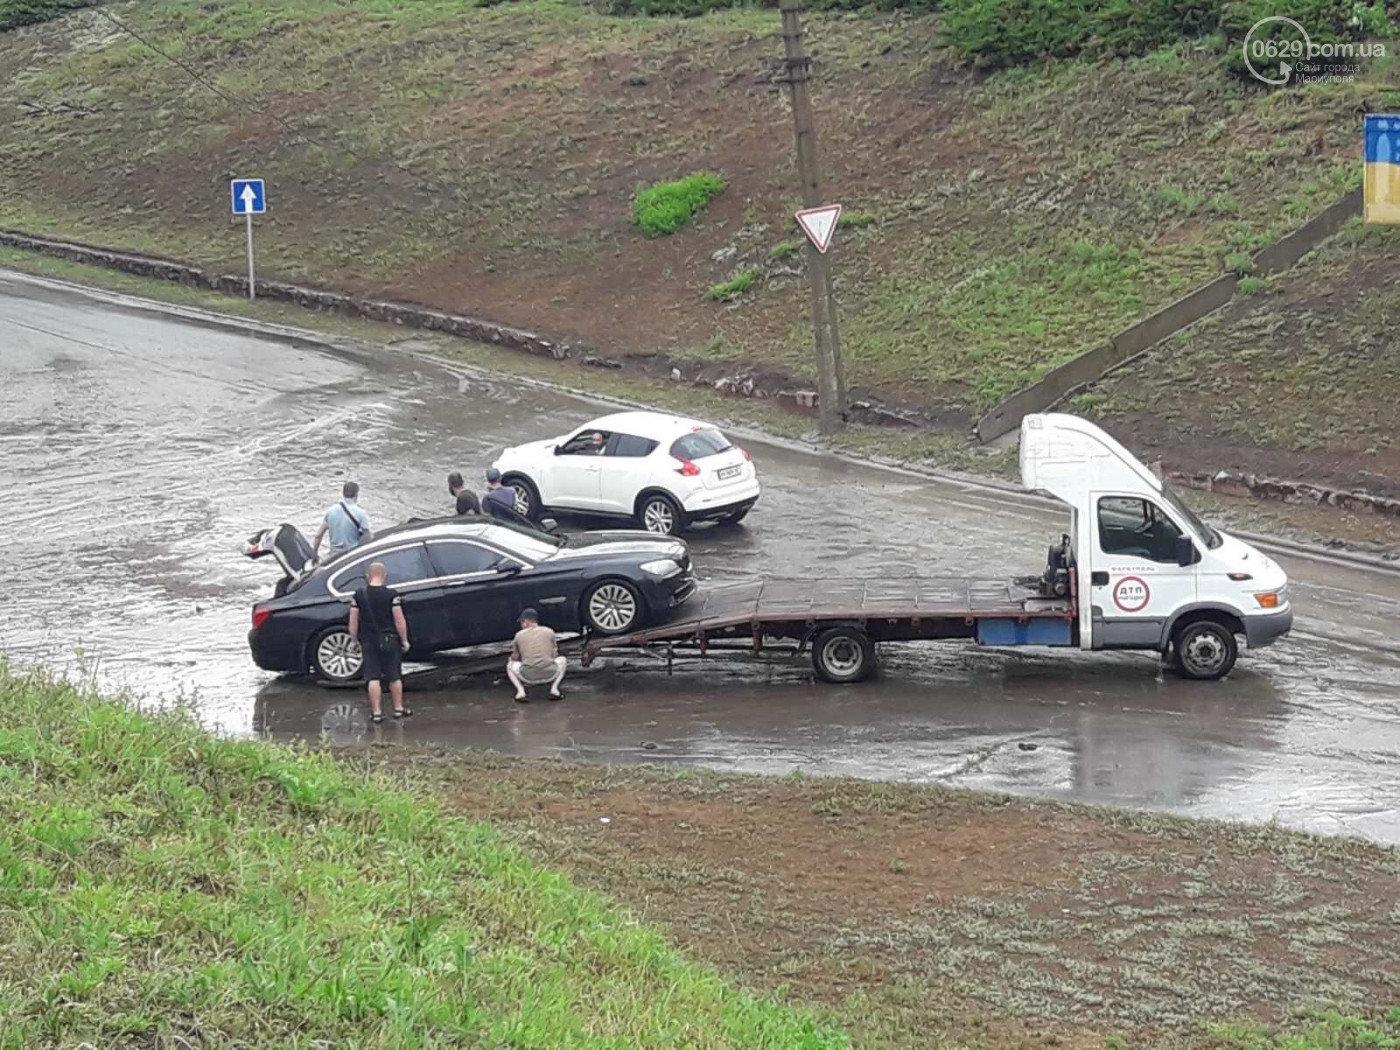 Сорванные крыши, сломанные деревья и вода по пояс: в Мариуполе прошел сильный ливень, - ФОТО, ВИДЕО, фото-6